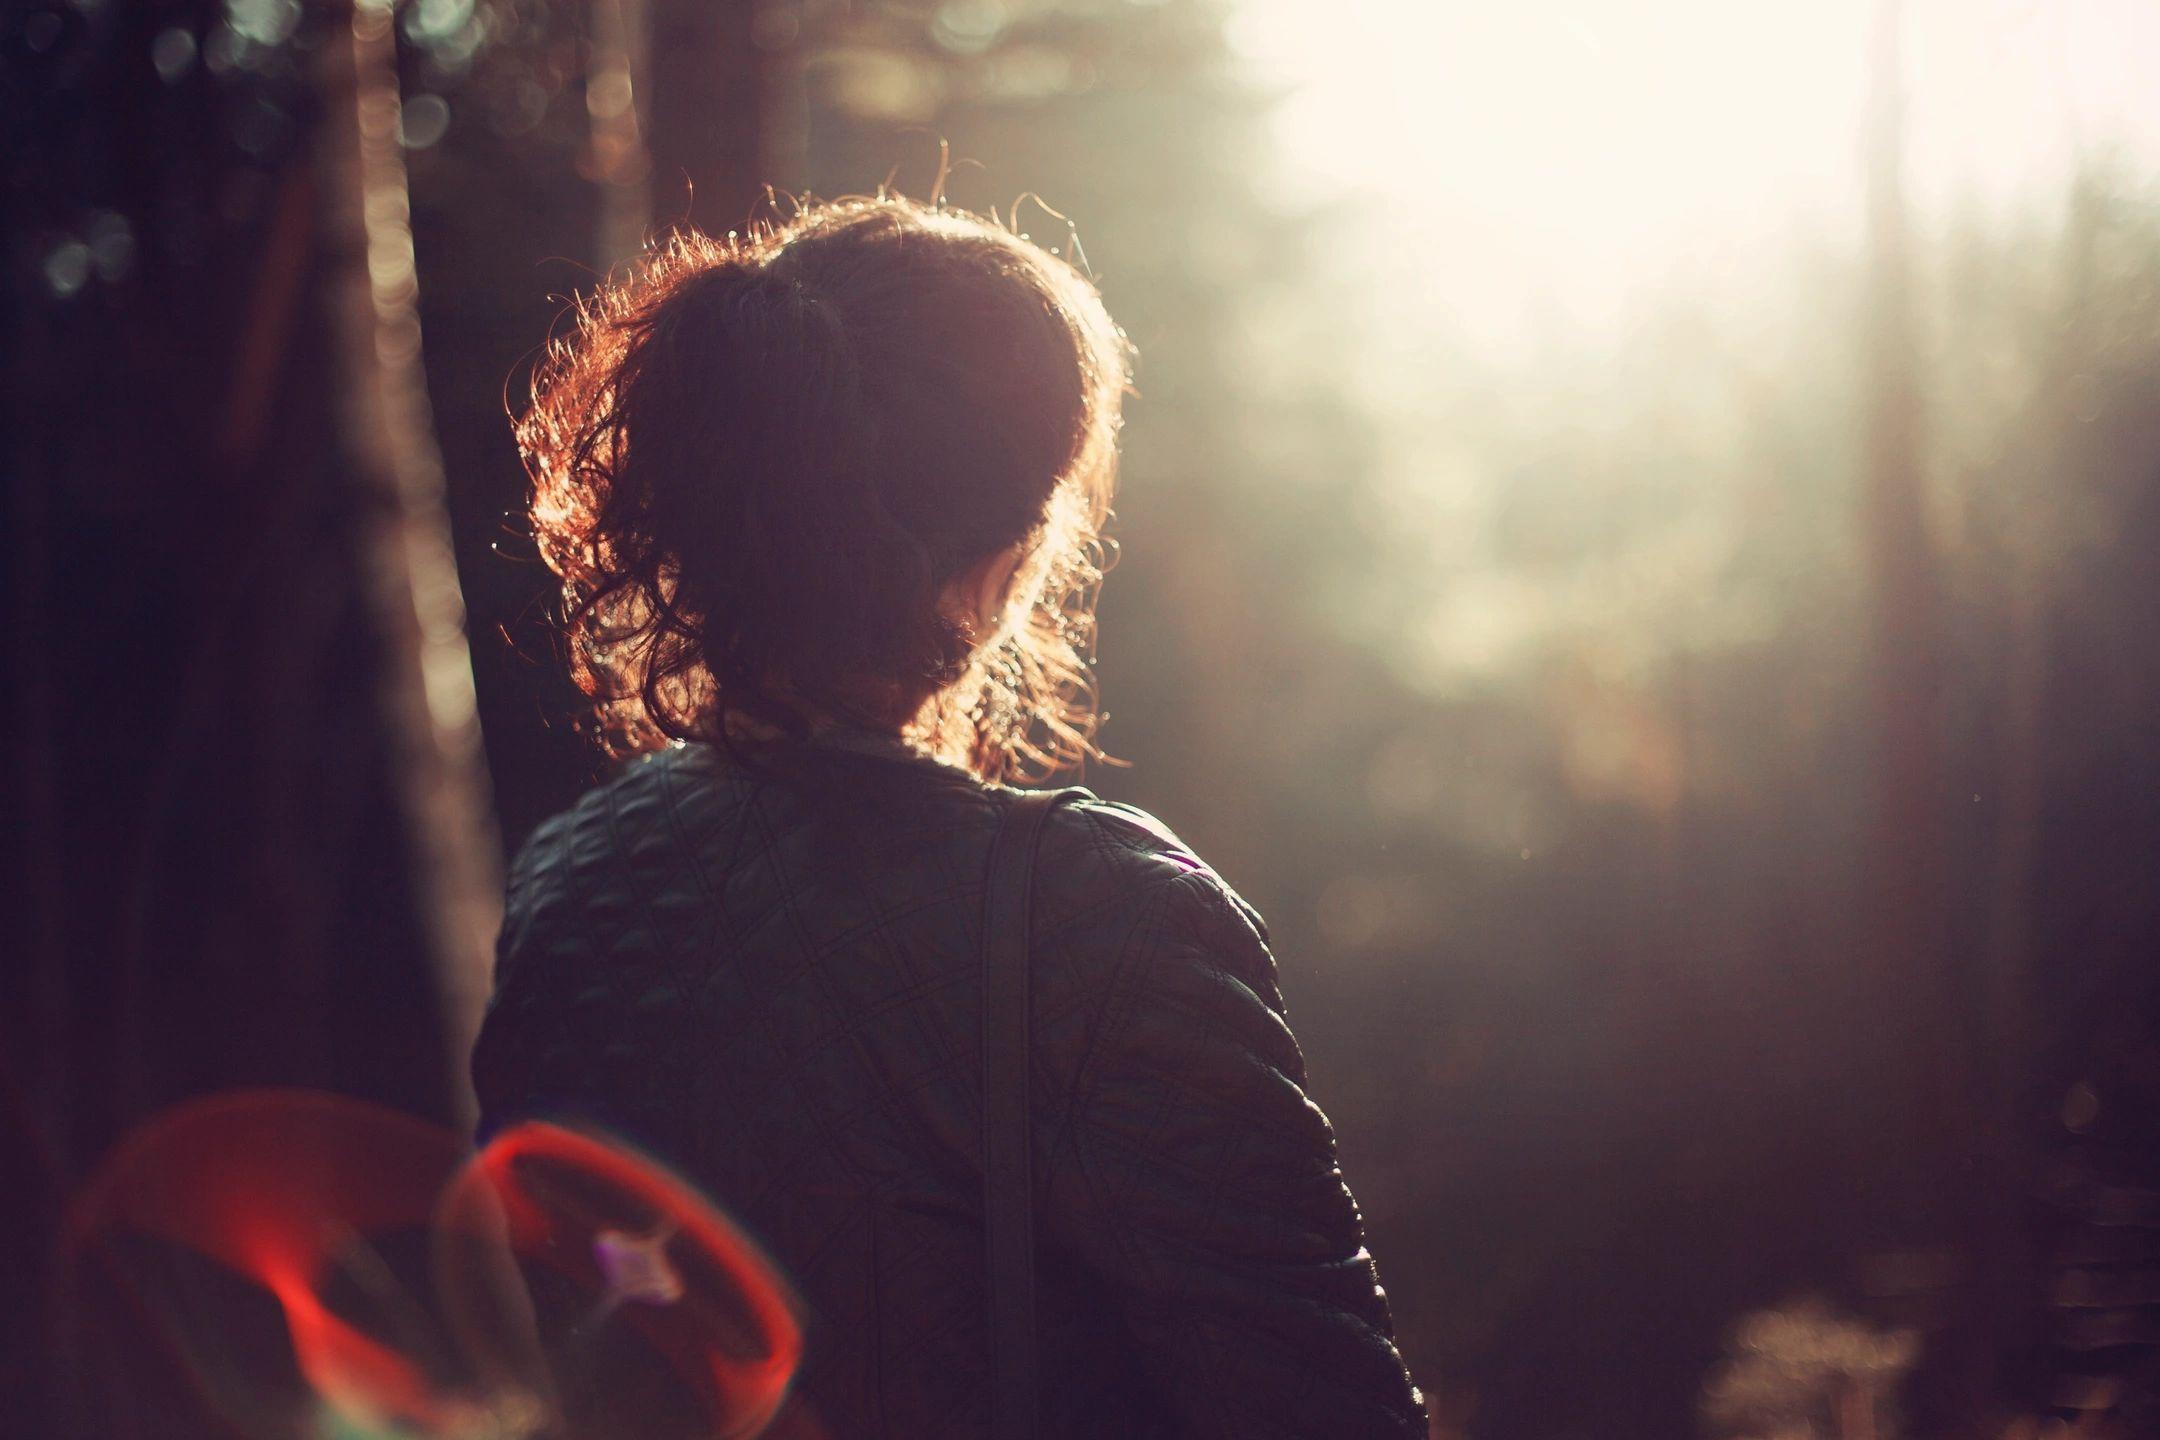 """જીવનનો અંત કાંઈ બધા કારણોનું પૂર્ણવિરામ નથી."""""""